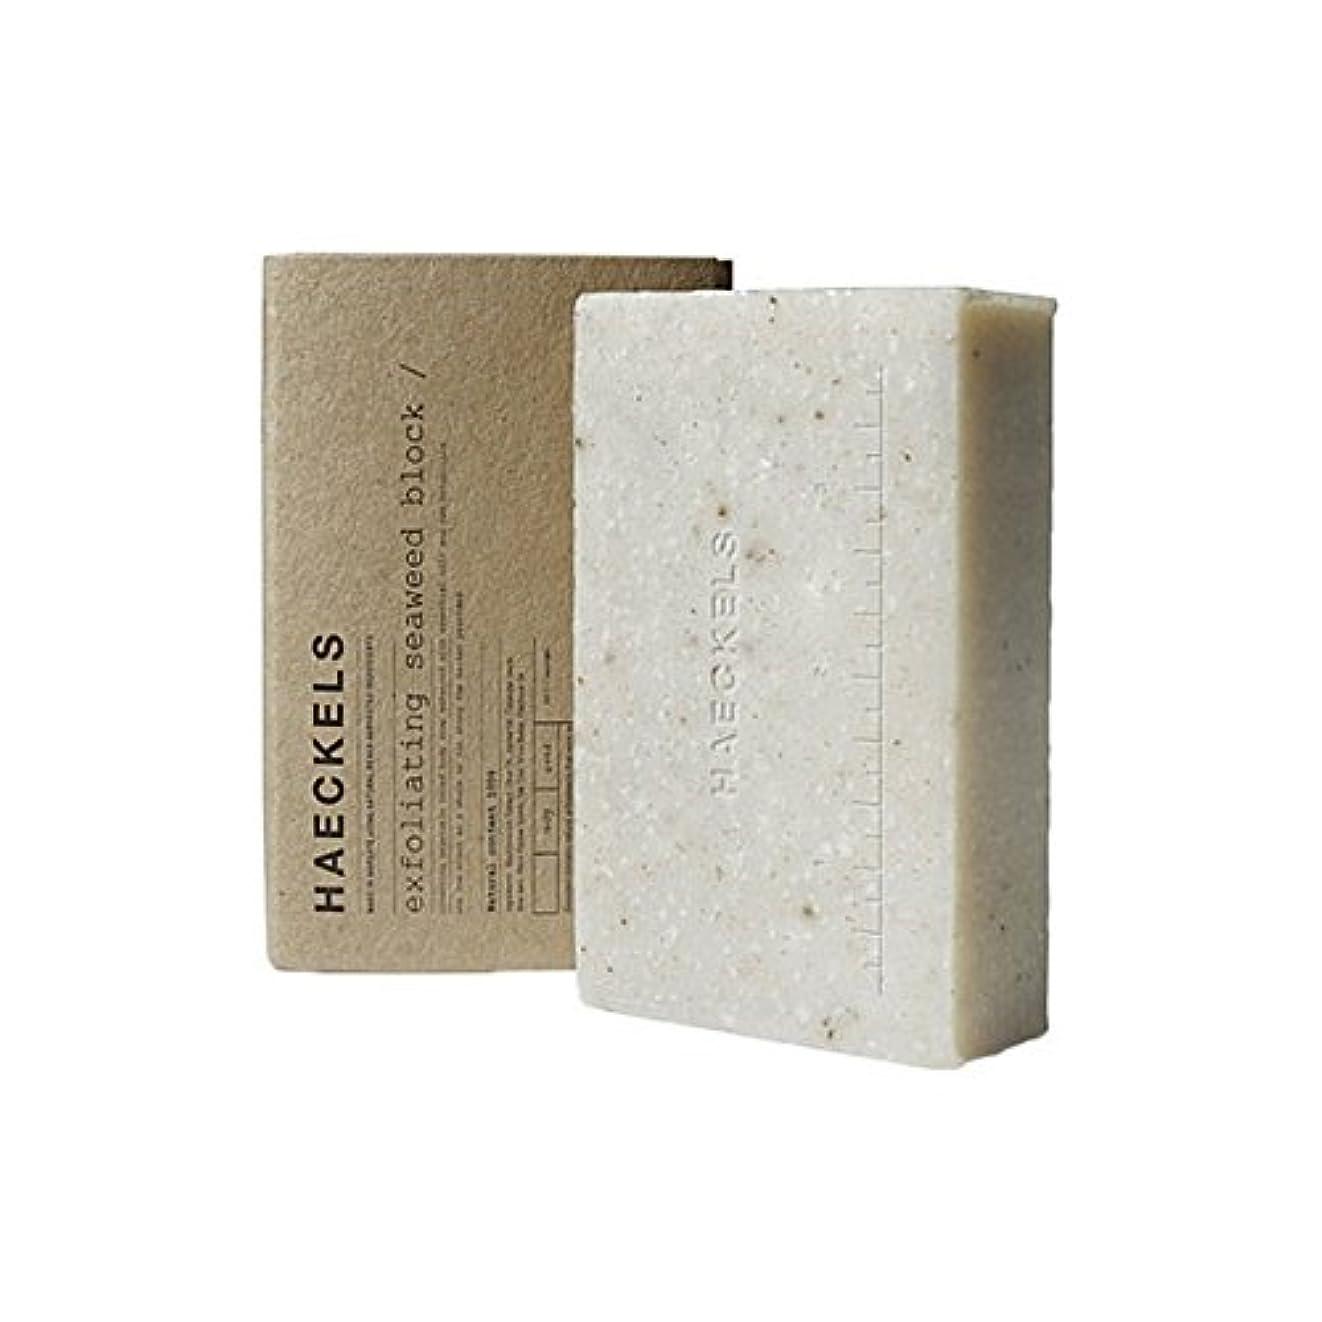 海藻ブロック320グラムを剥離 x2 - Haeckels Exfoliating Seaweed Block 320G (Pack of 2) [並行輸入品]